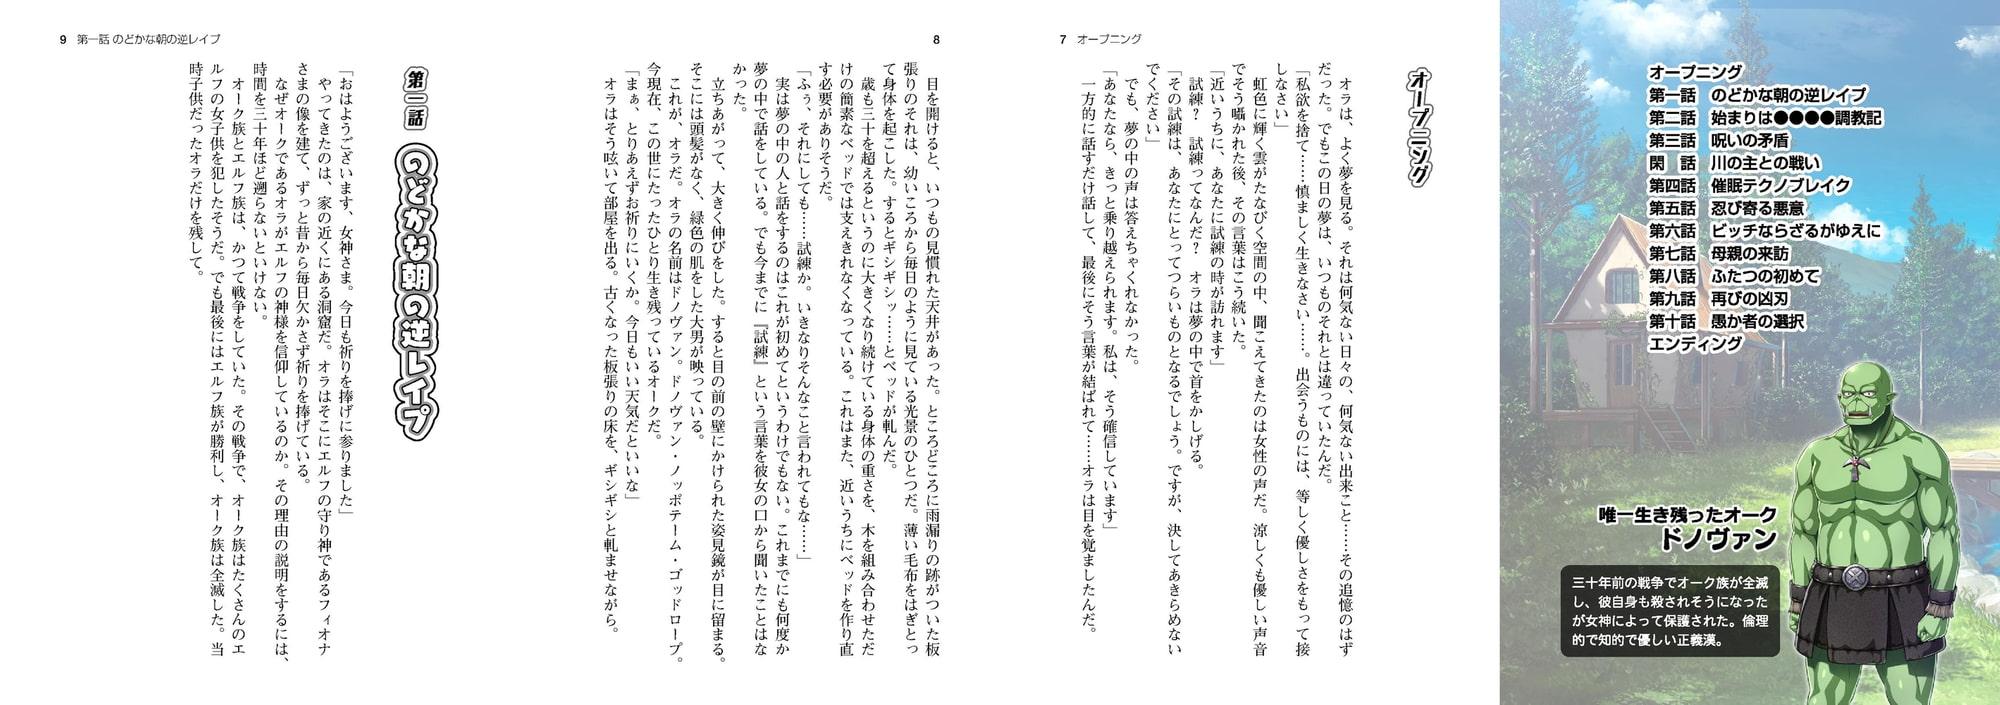 変態エルフ姉妹と真面目オーク【電子書籍限定特別増量版】